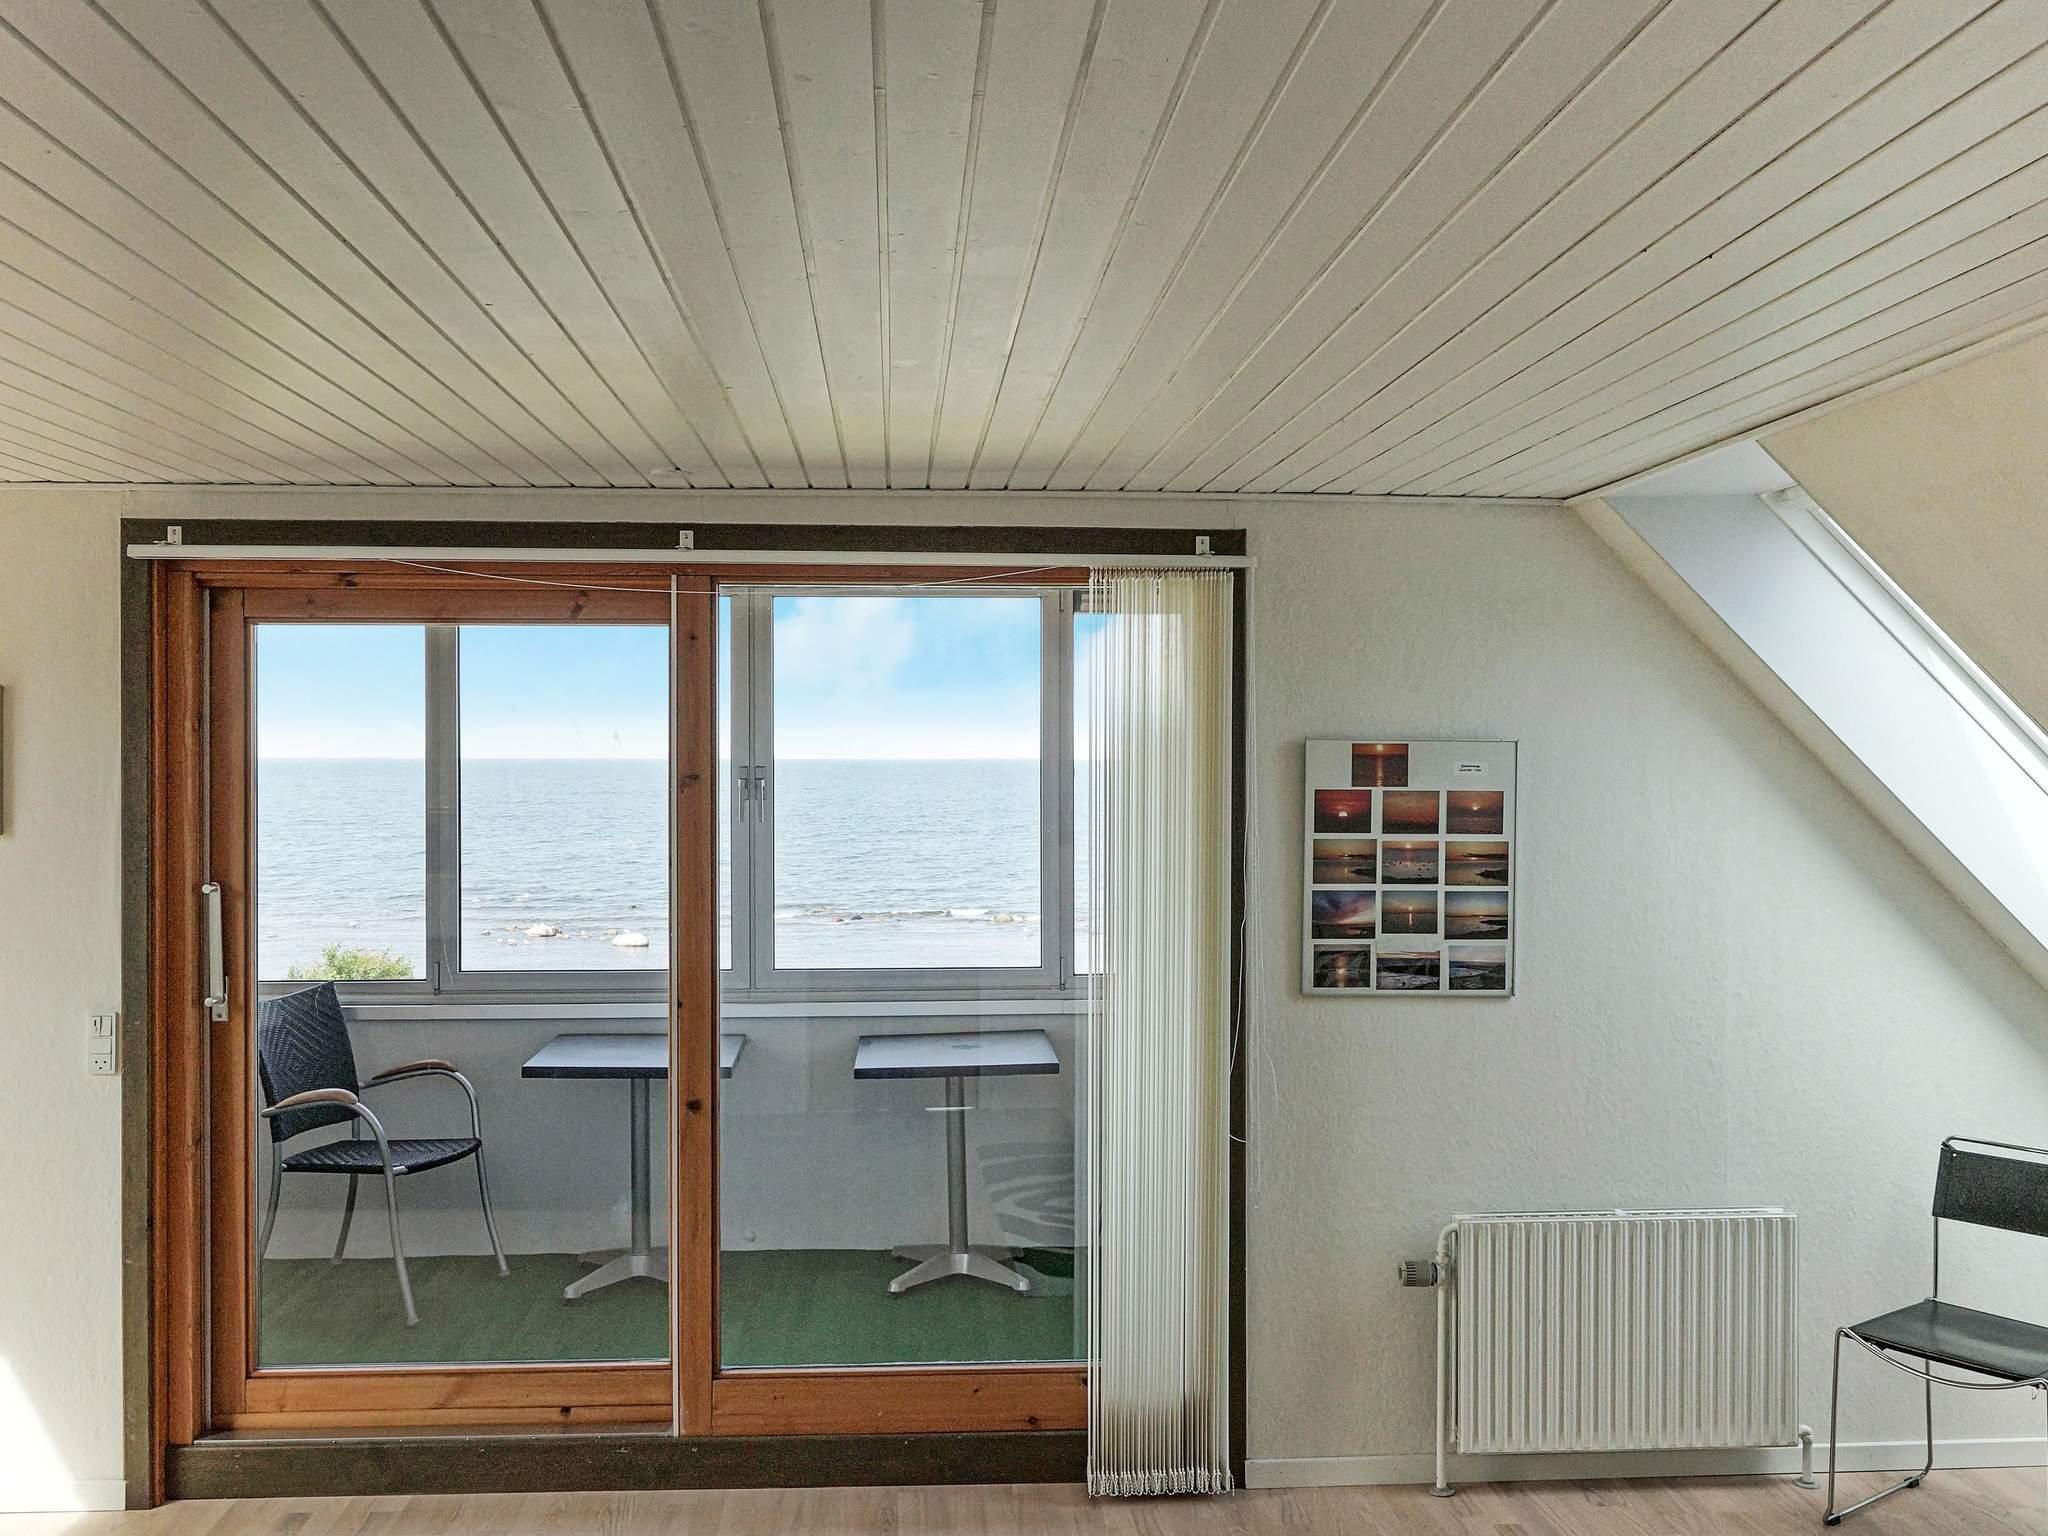 Ferienwohnung Hasle (376601), Hasle, , Bornholm, Dänemark, Bild 15